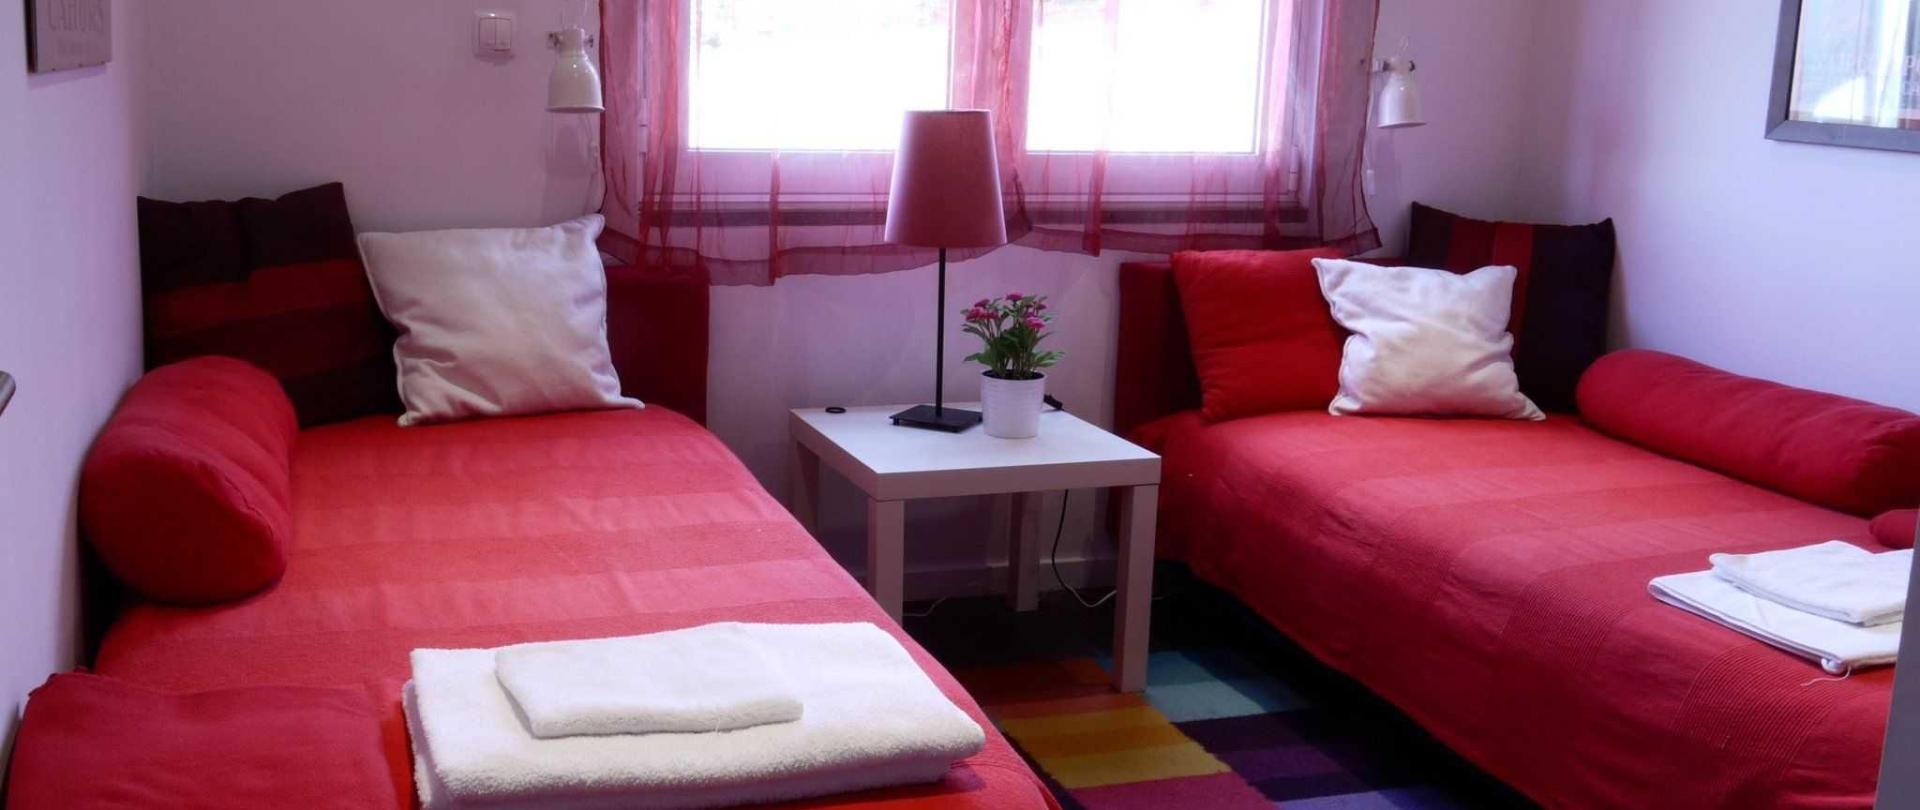 Basic Zweibettzimmers.jpg